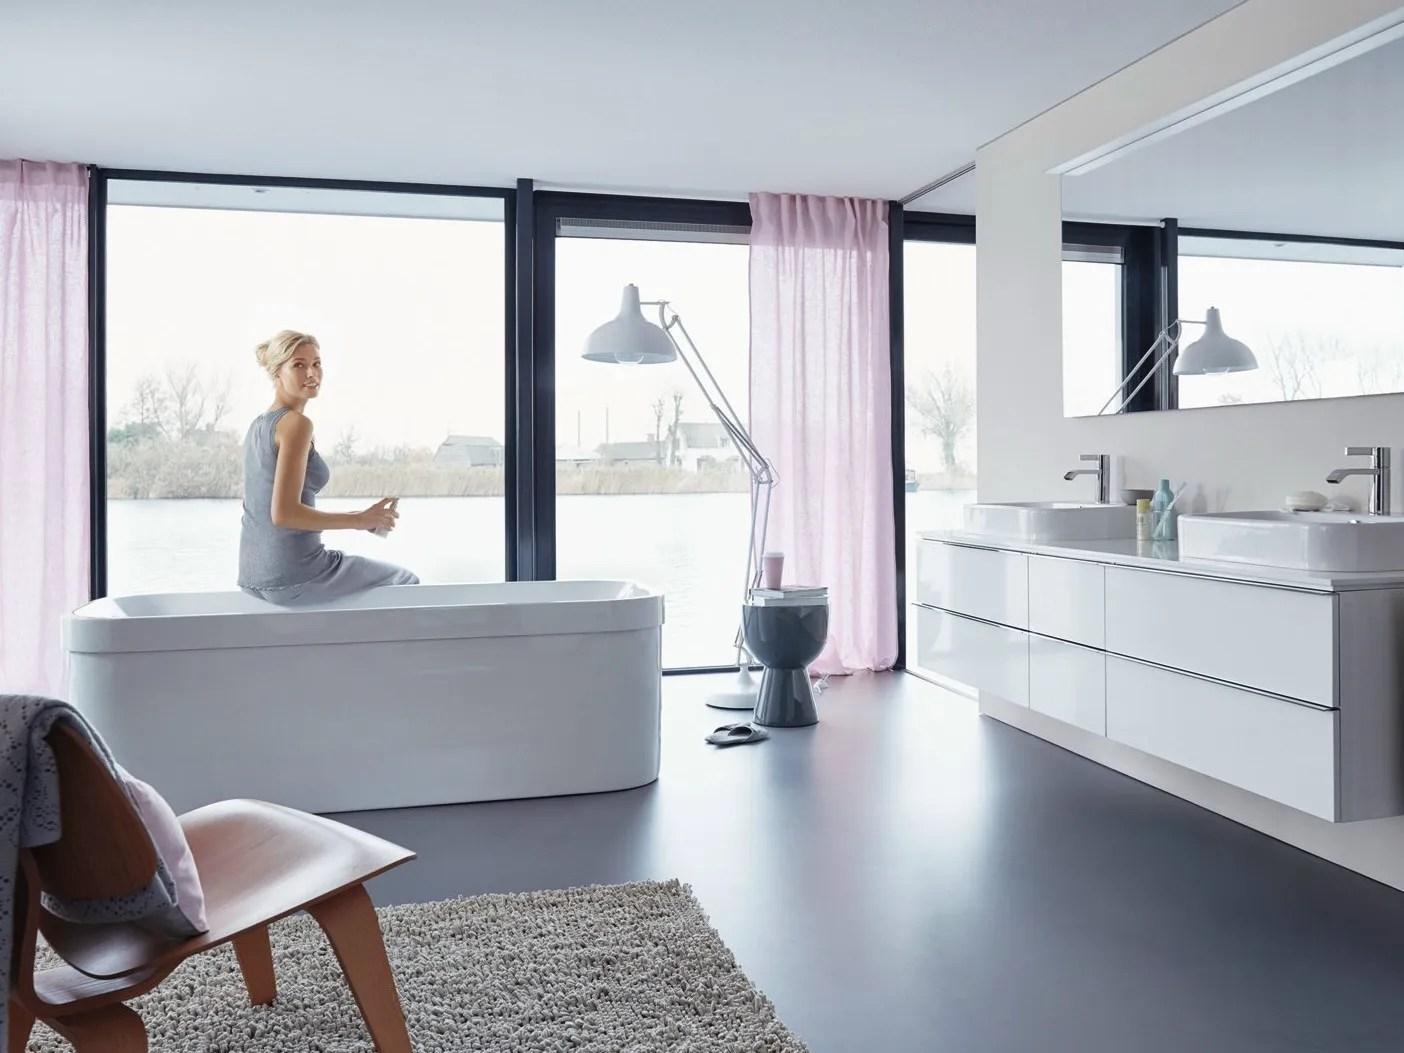 HAPPY D2  Freestanding bathtub By Duravit design Sieger Design